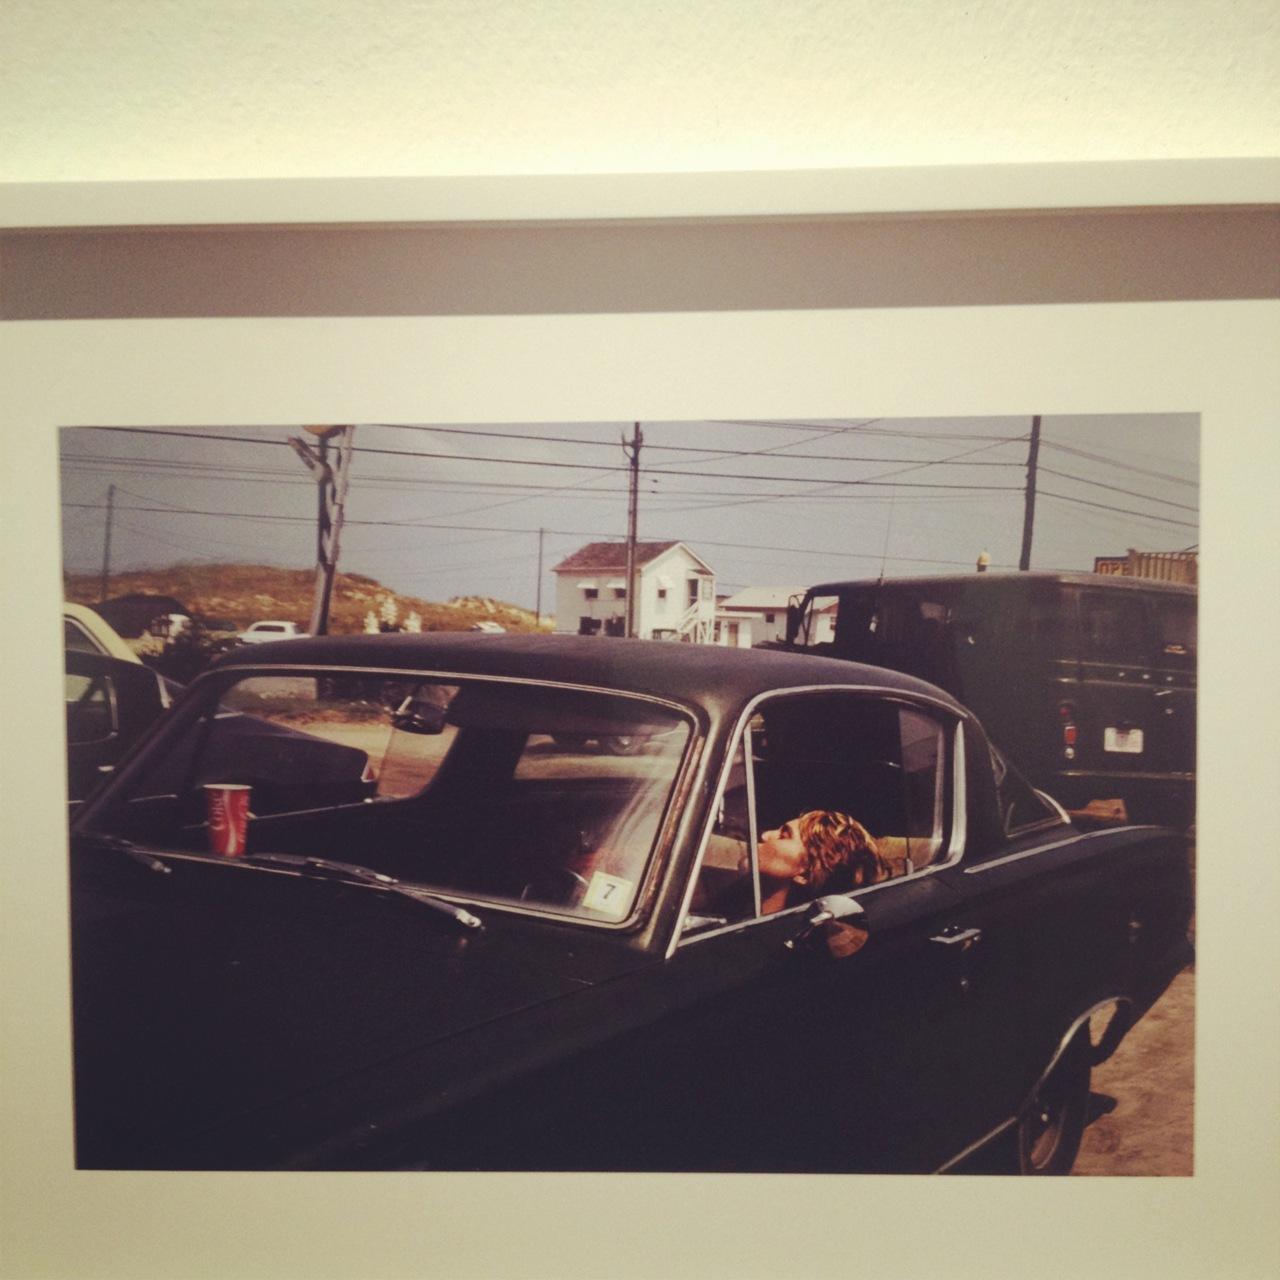 Joel Sternfeld @foam_amsterdam a few weeks ago. Great retrospective. #photography